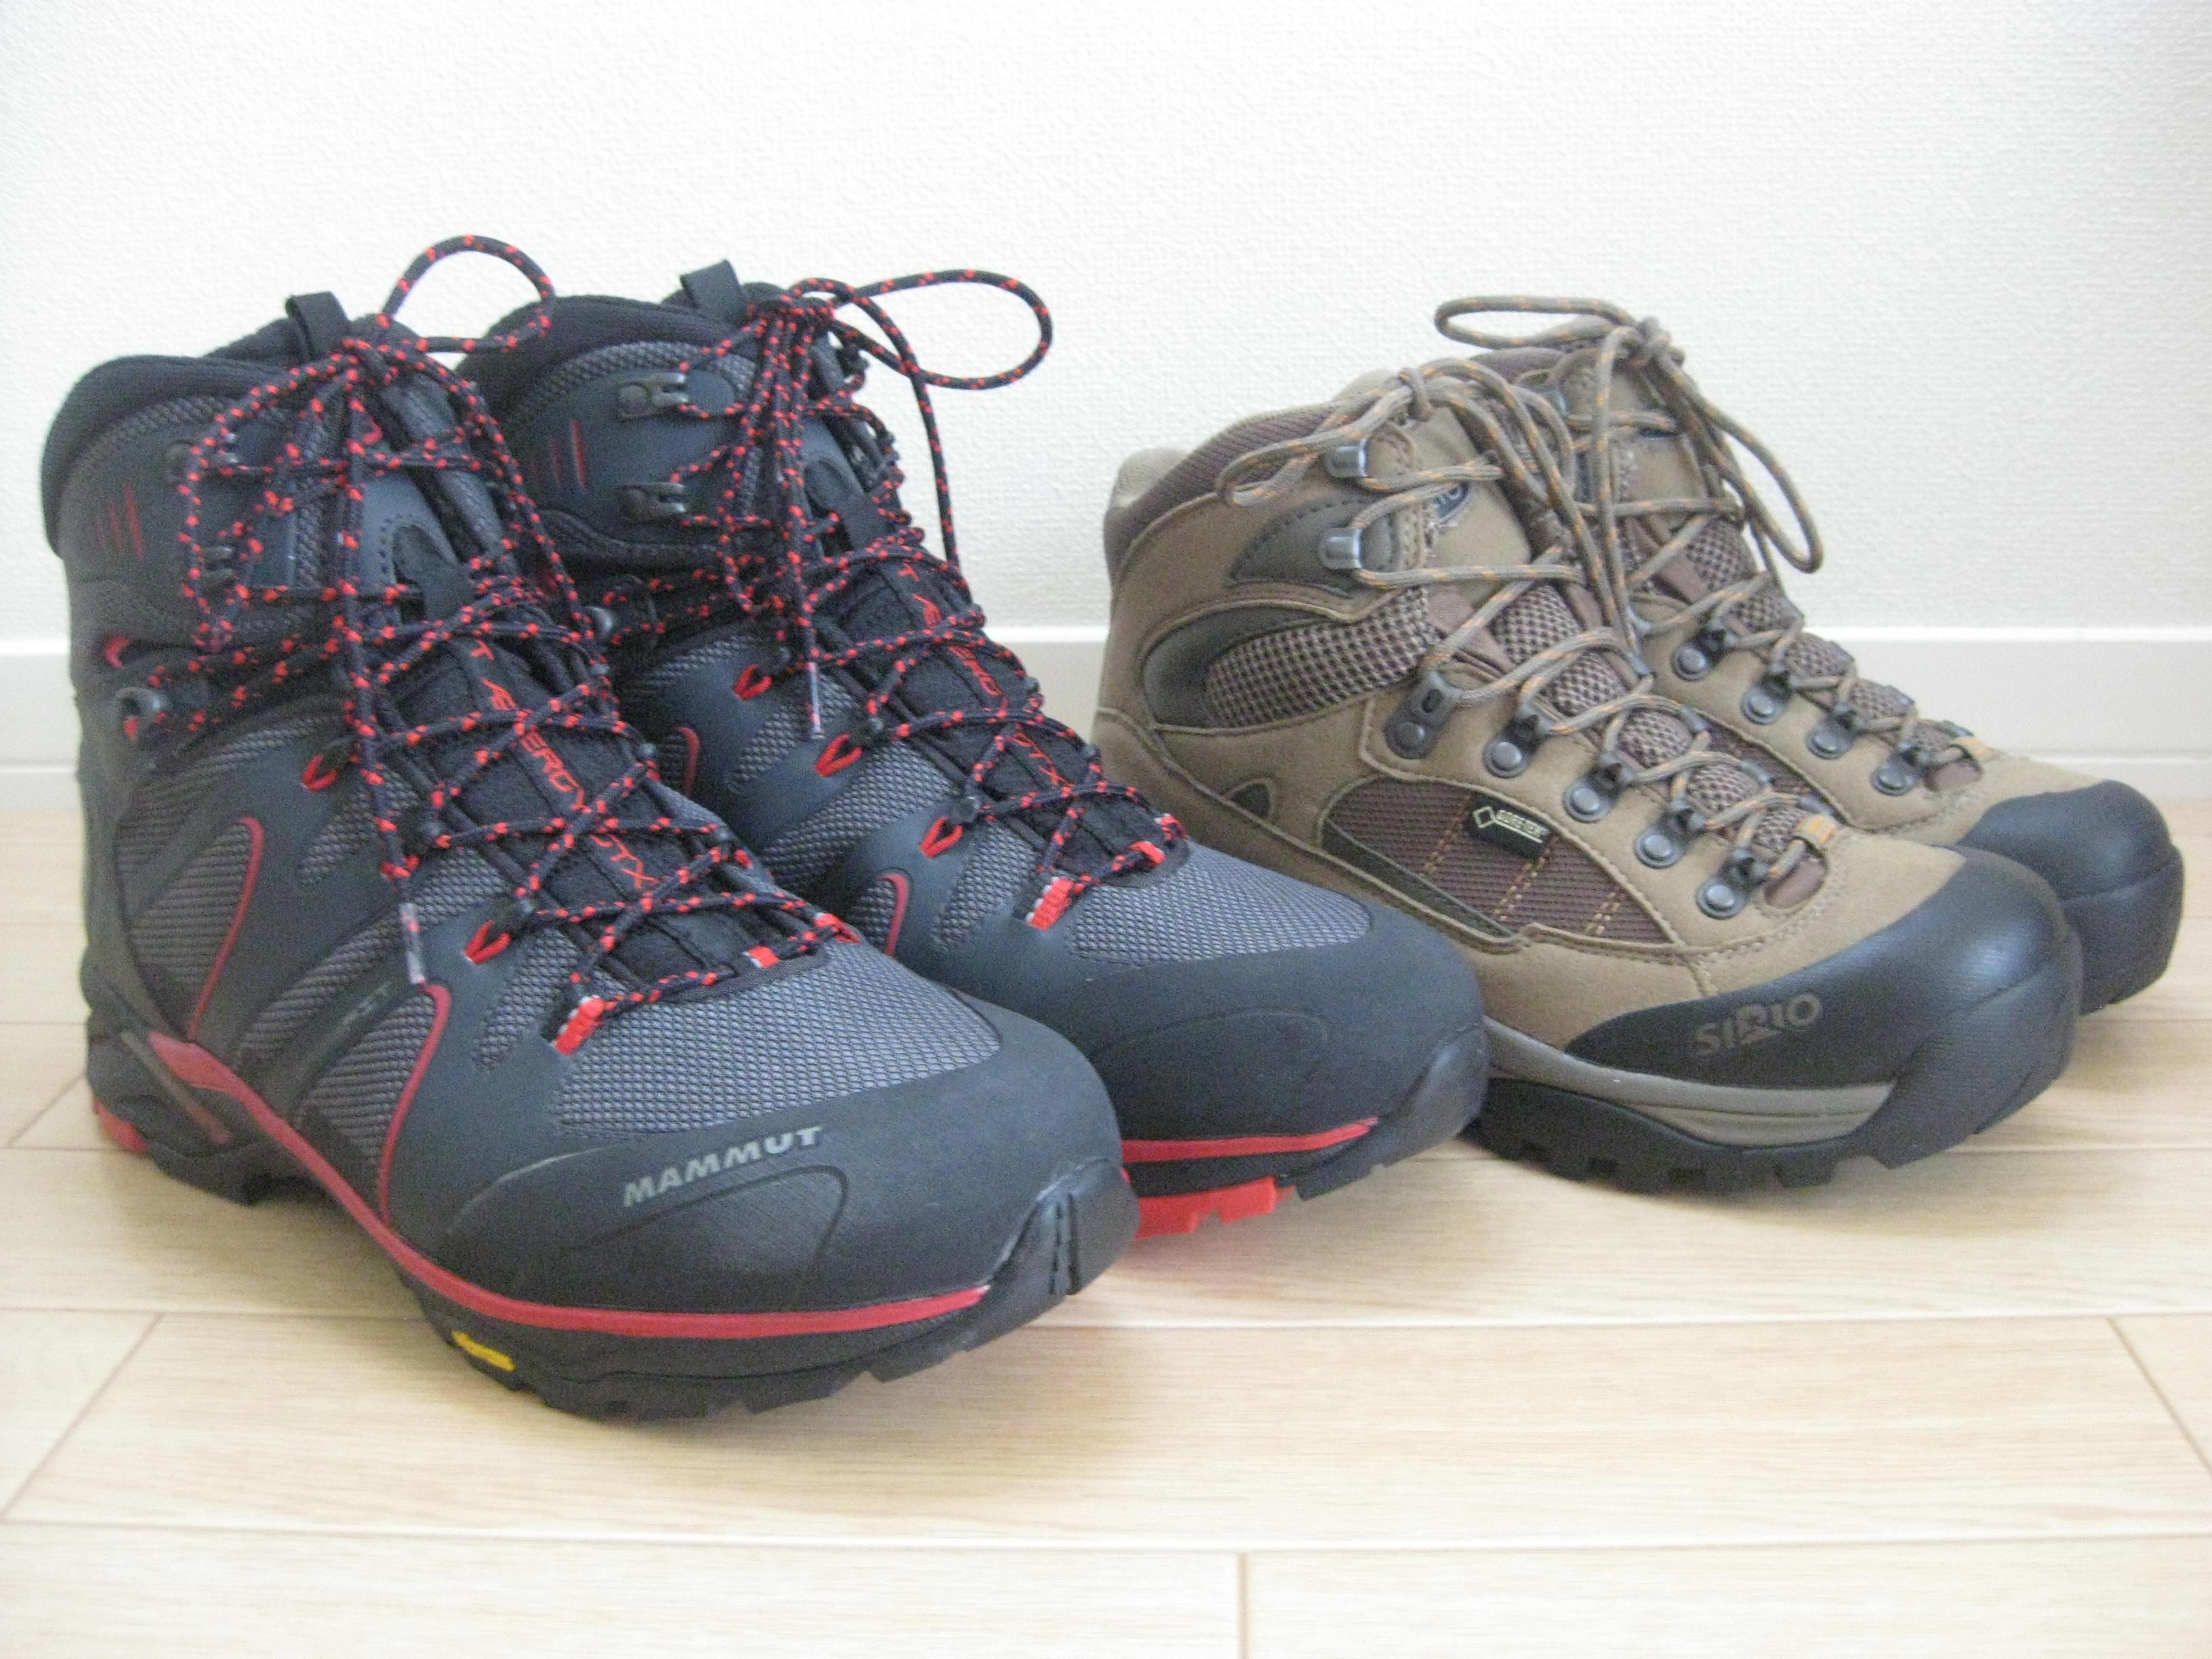 登山靴購入】登山始めます!